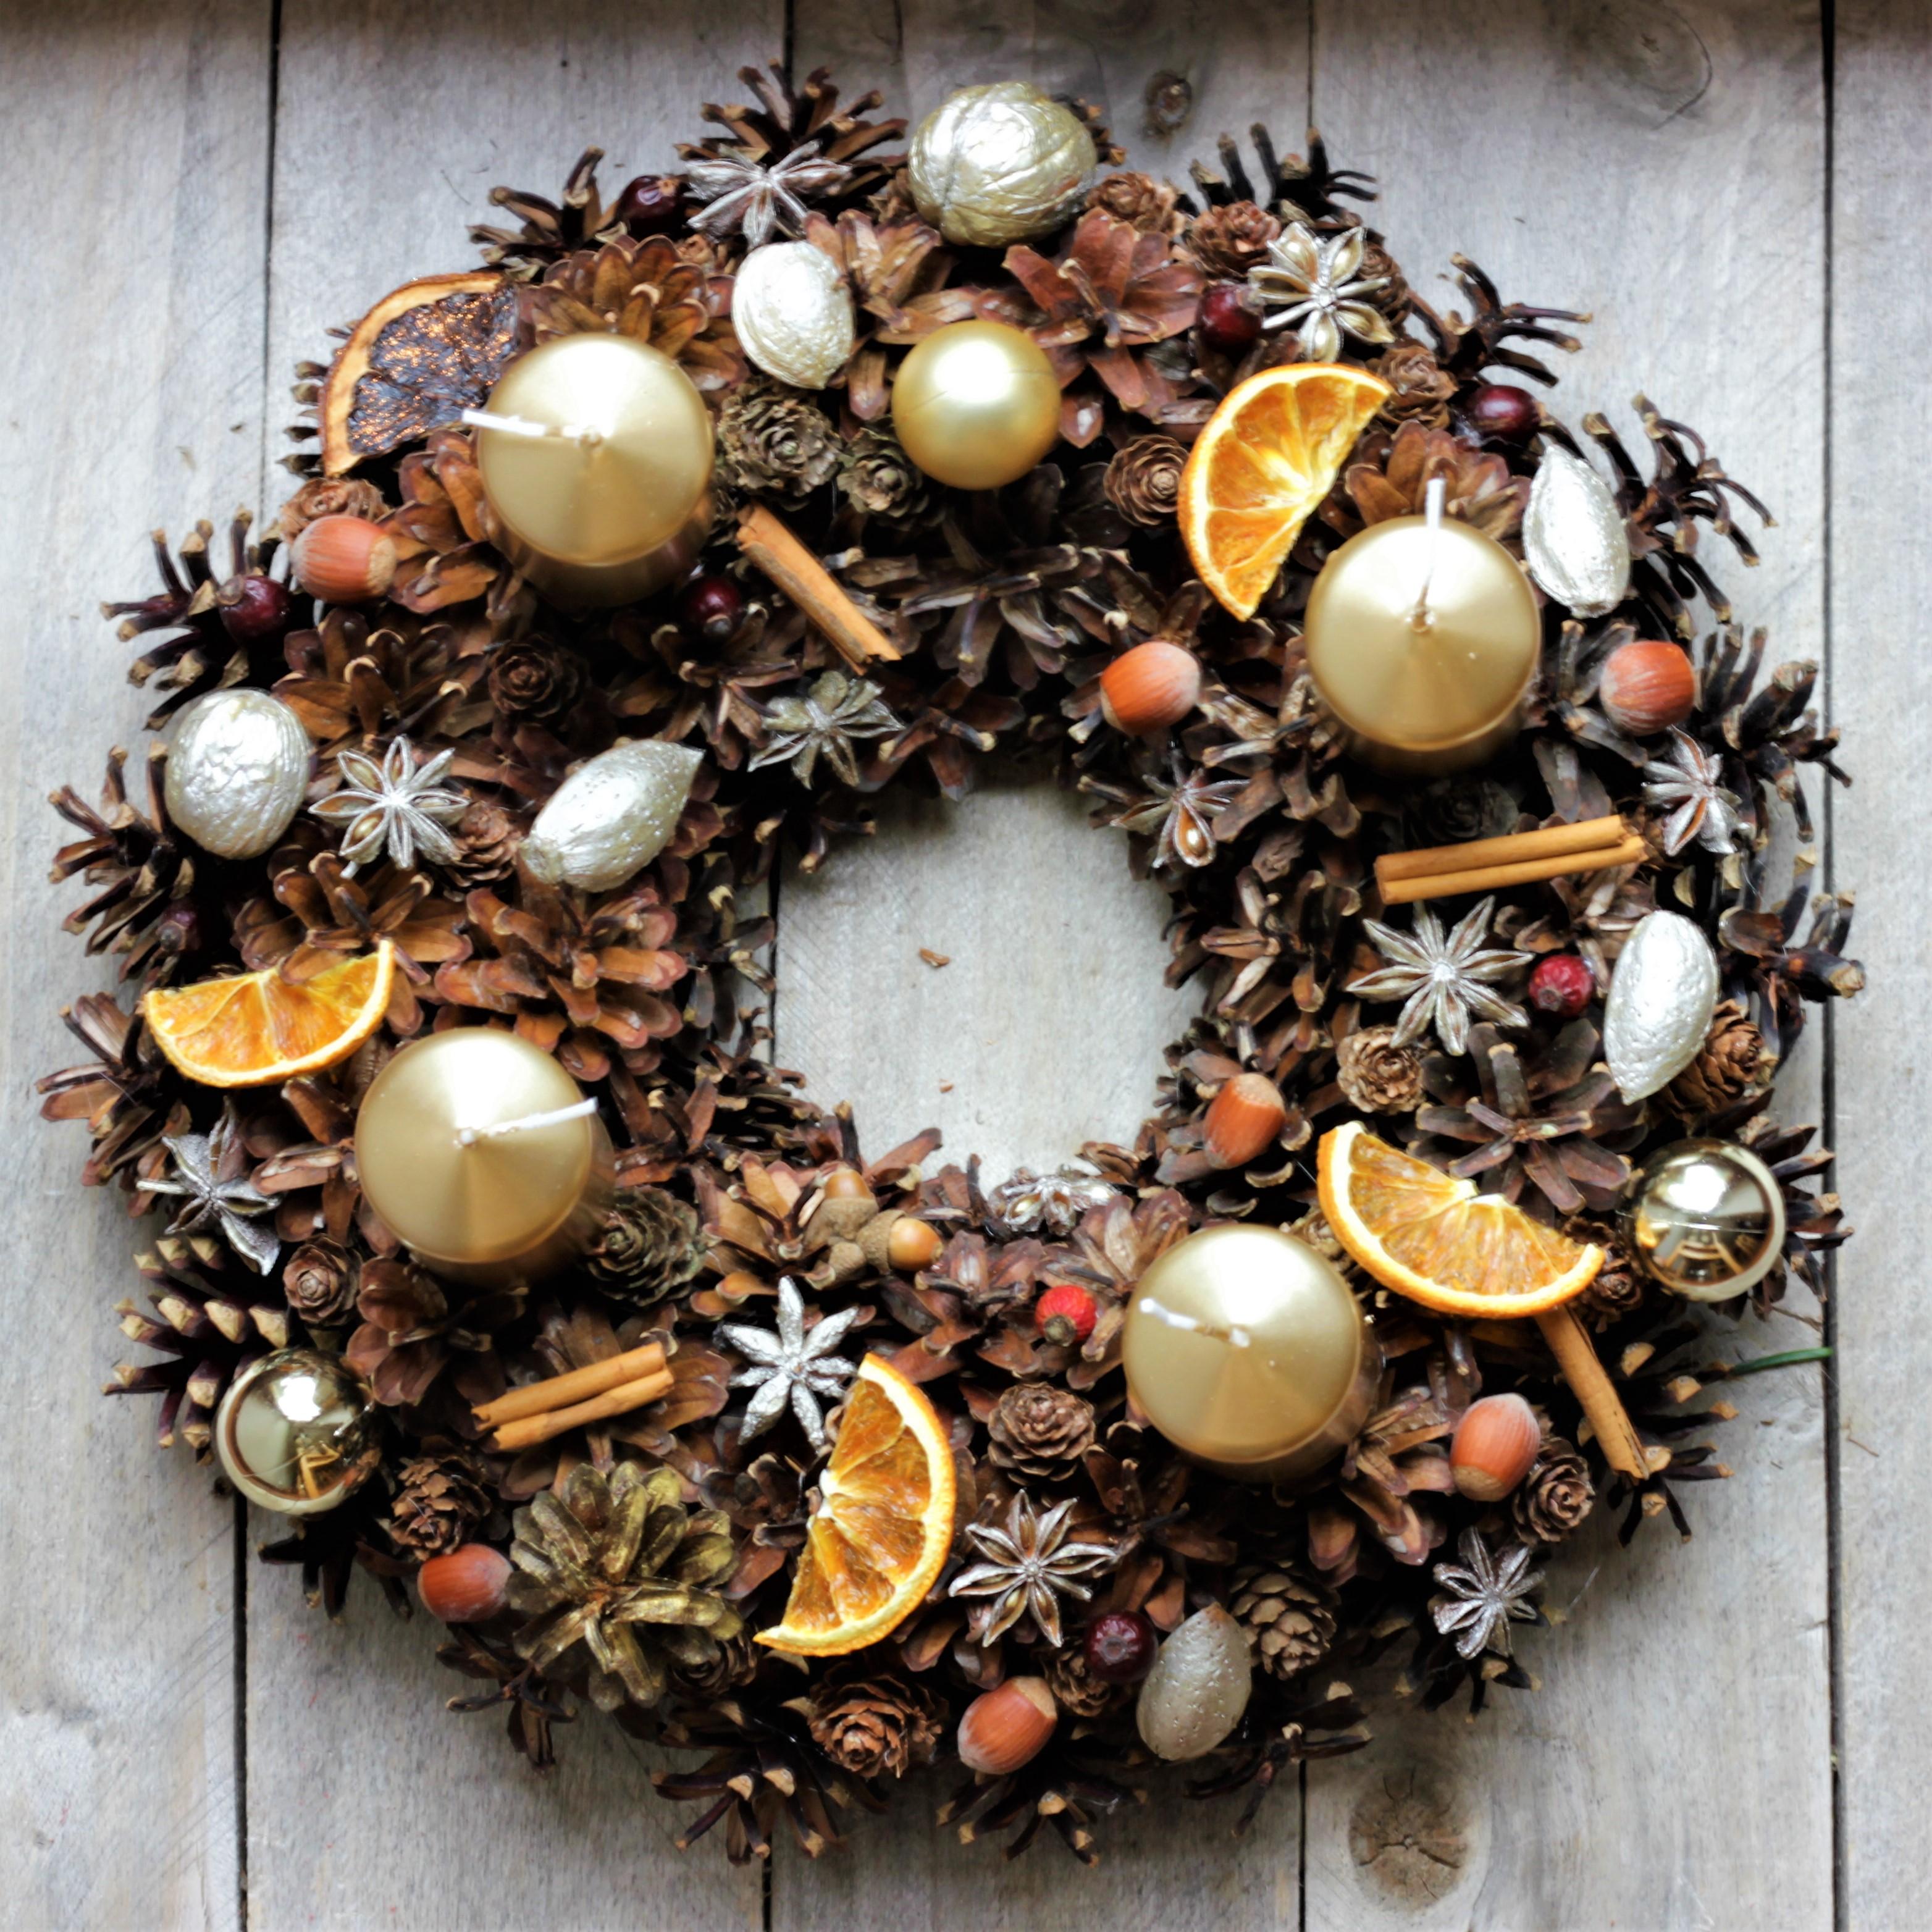 03b0dbbd9 adventý svietnik, vianočný svietnik, adventný veniec, veniec, vianočný,  vianoce, vianočné